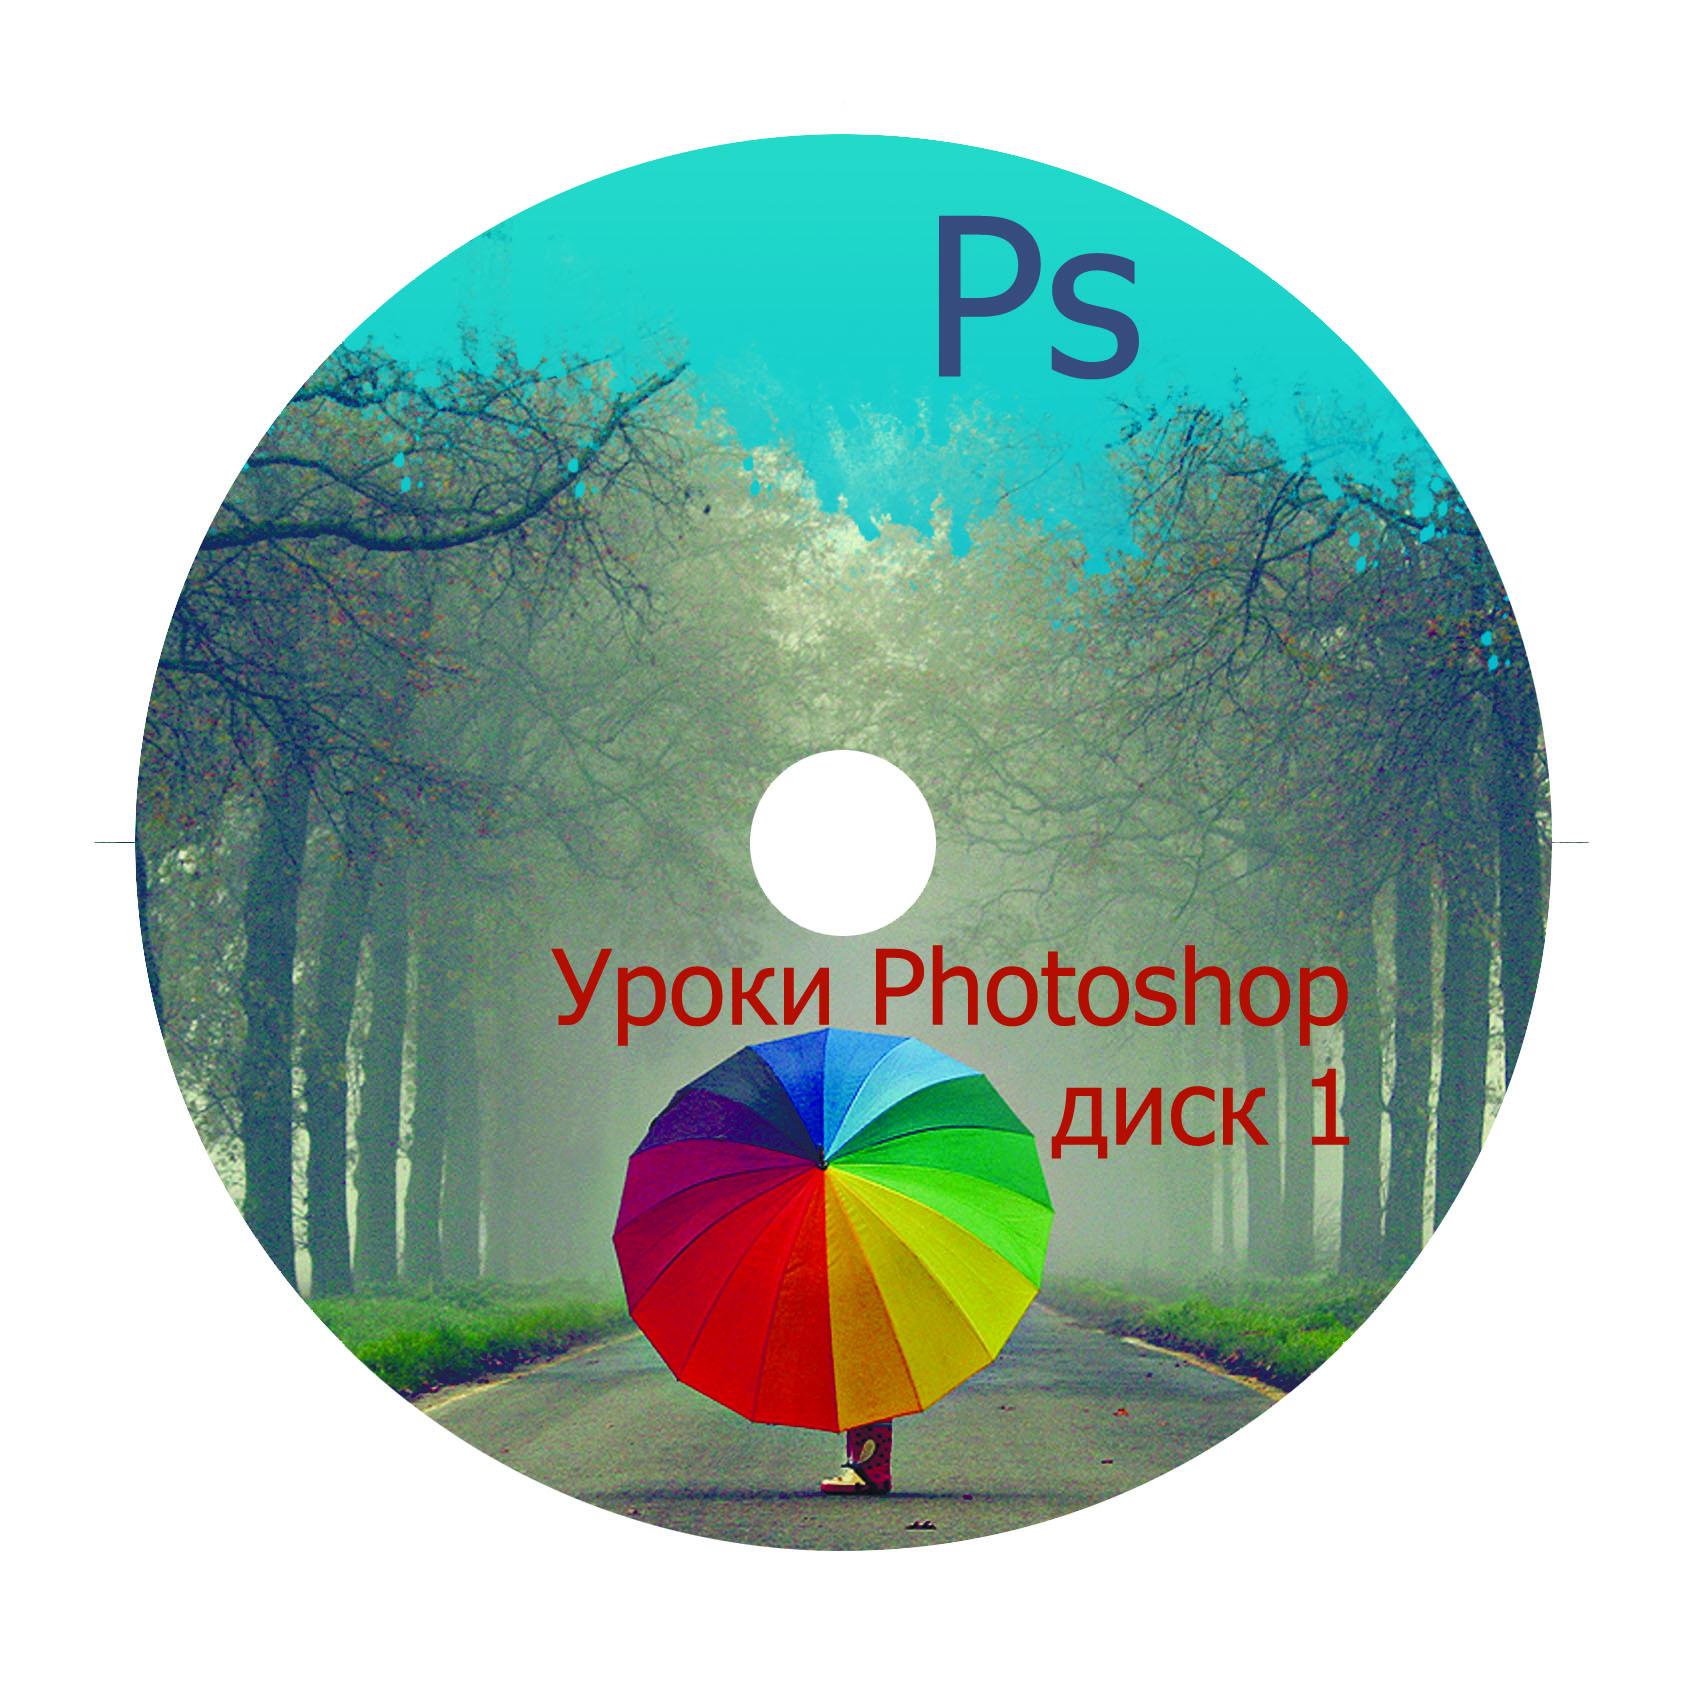 Создание дизайна DVD релиза (обложка, накатка, меню и т.п.) фото f_4d8c647ed6ce2.jpg